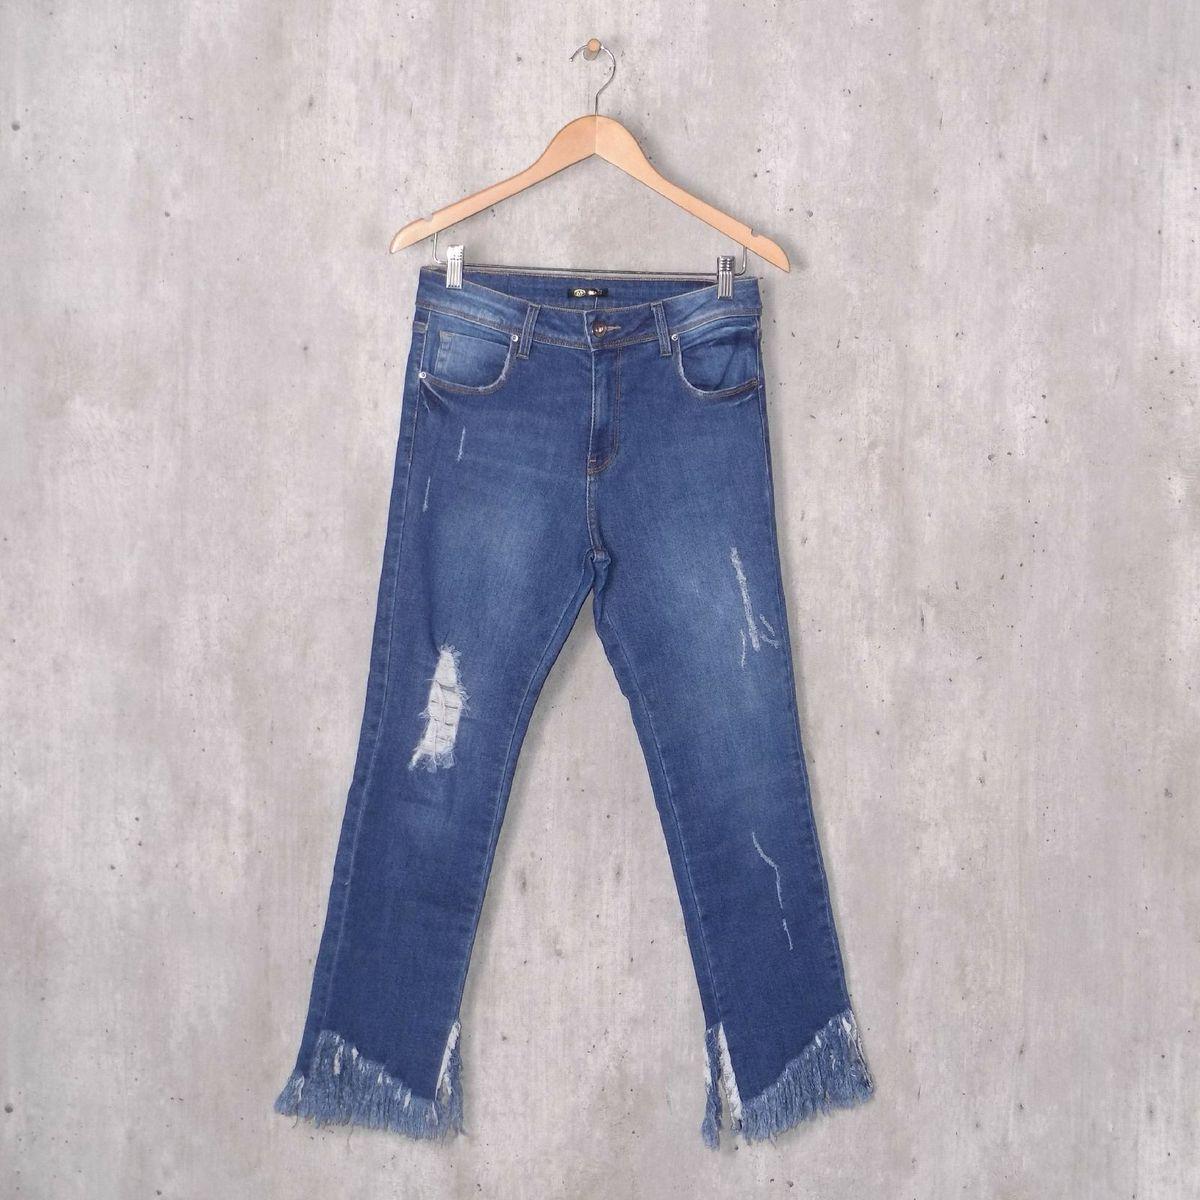 c4104d66e Calça Jeans Destroyed | Calça Feminina Multi Ponto Denim Usado 32982735 |  enjoei